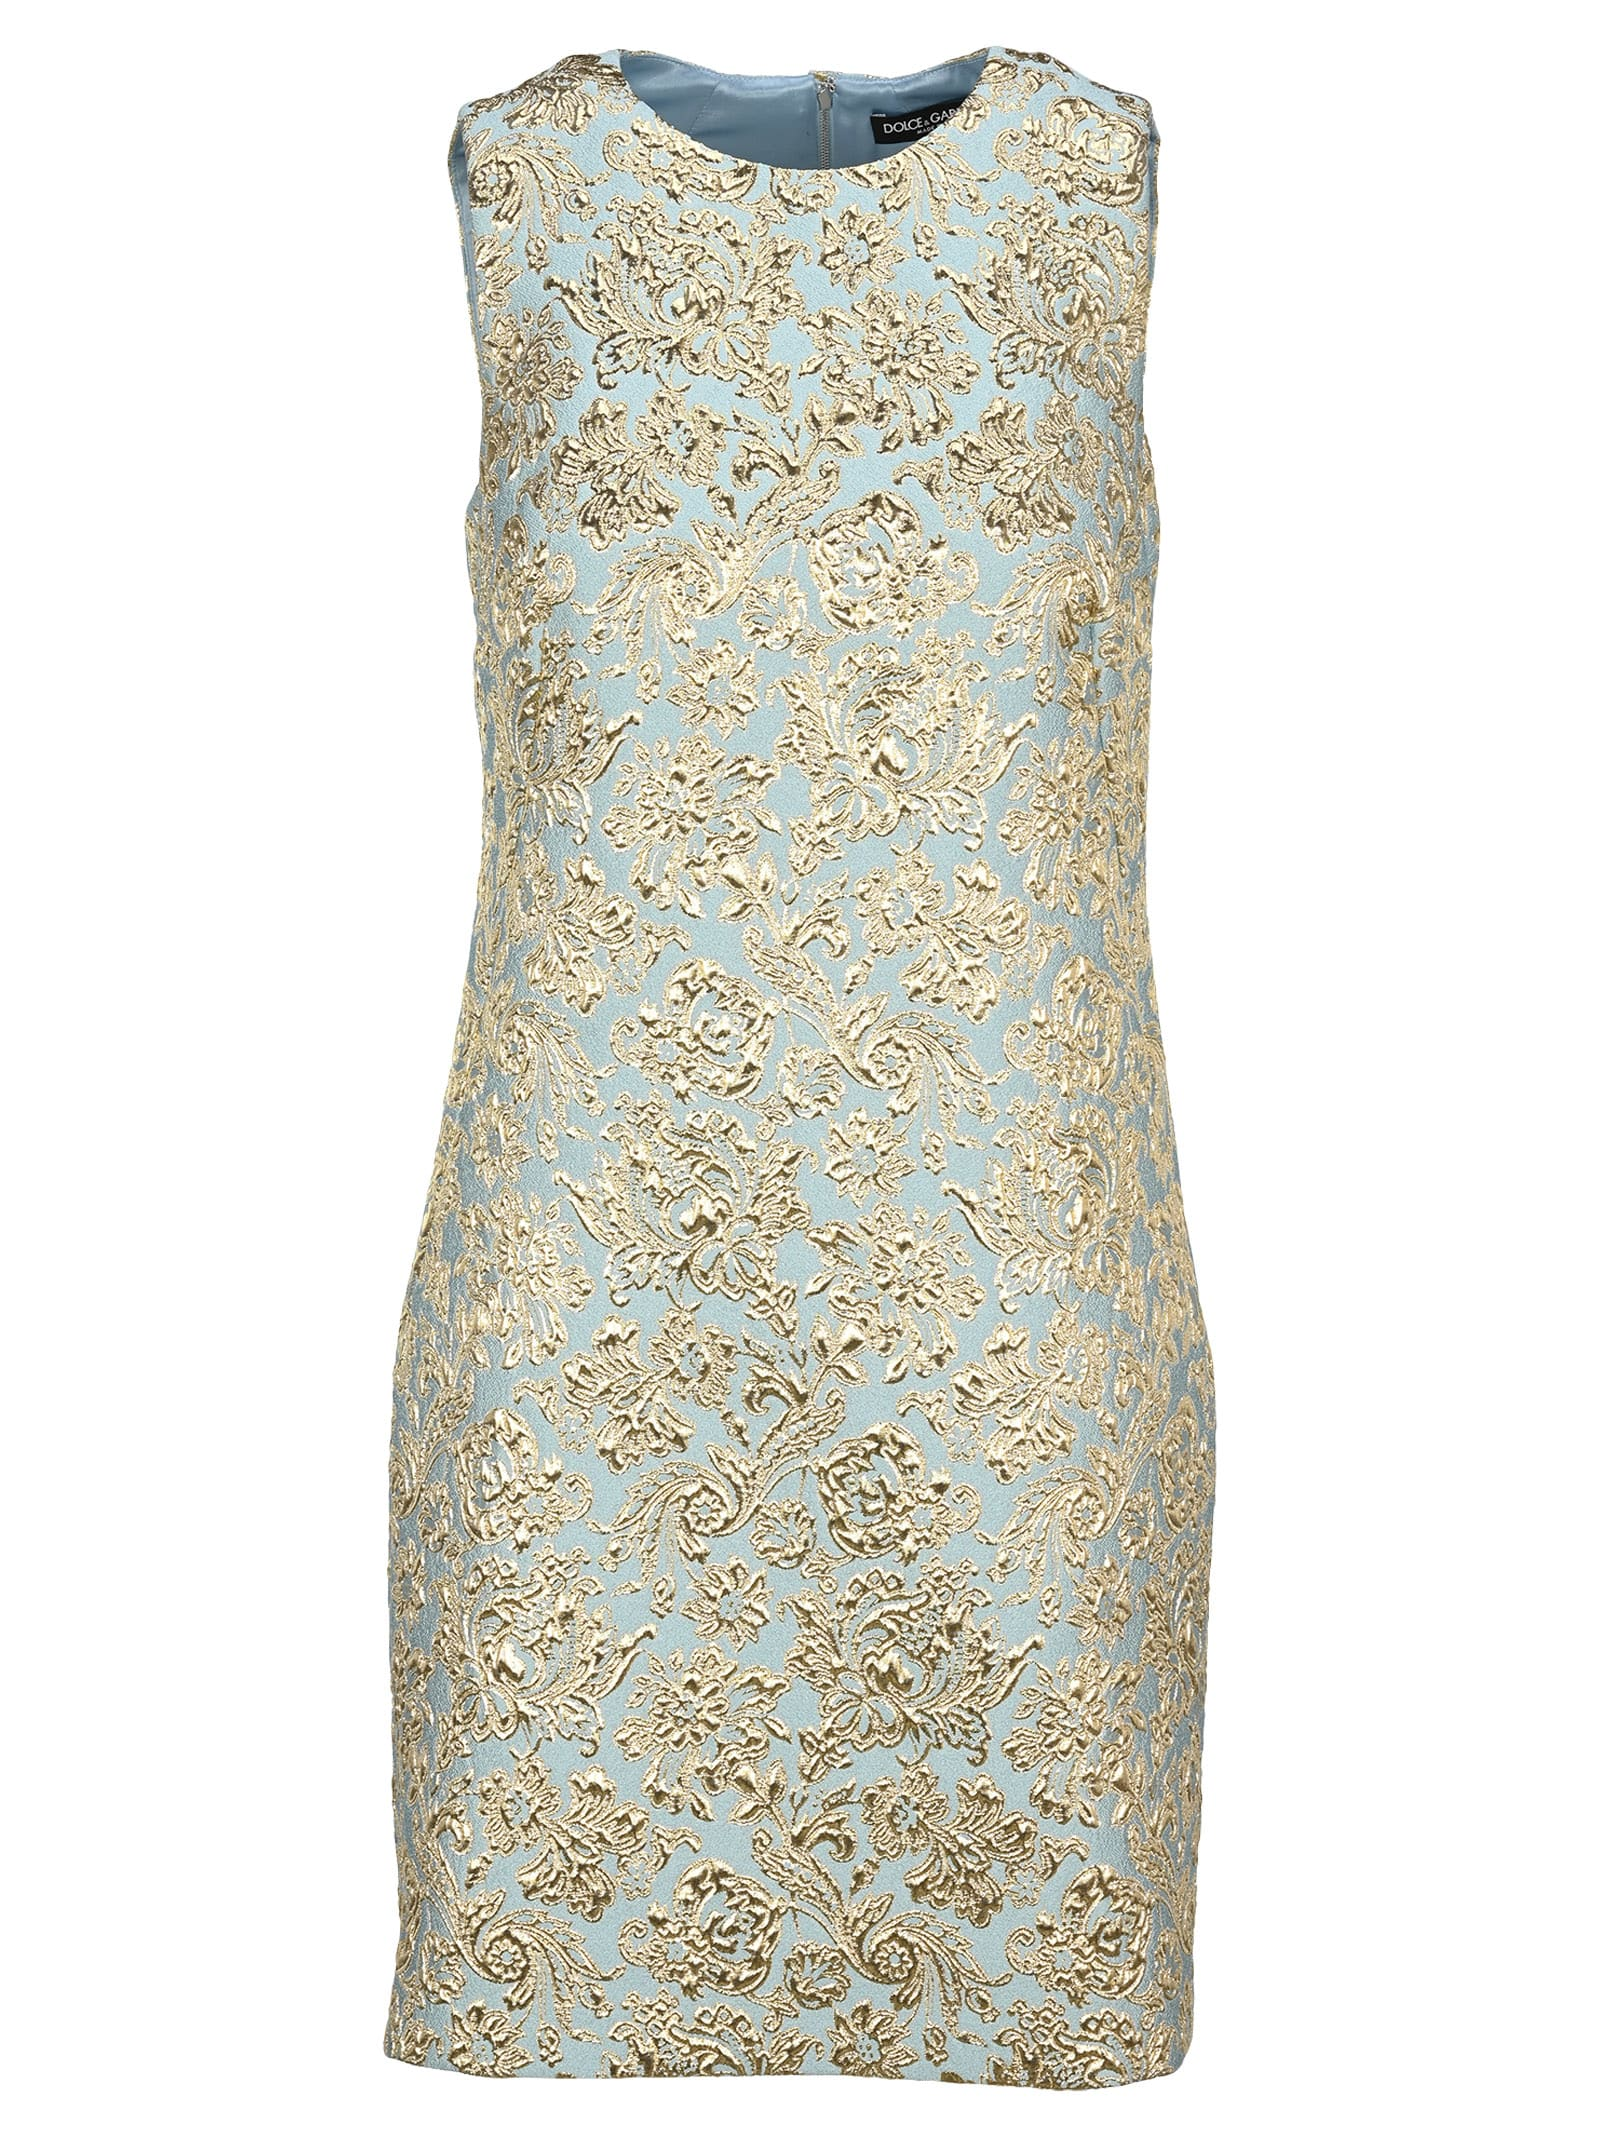 Buy Dolce & Gabbana Dolce & gabbana Short Lam·Jacquard Dress online, shop Dolce & Gabbana with free shipping